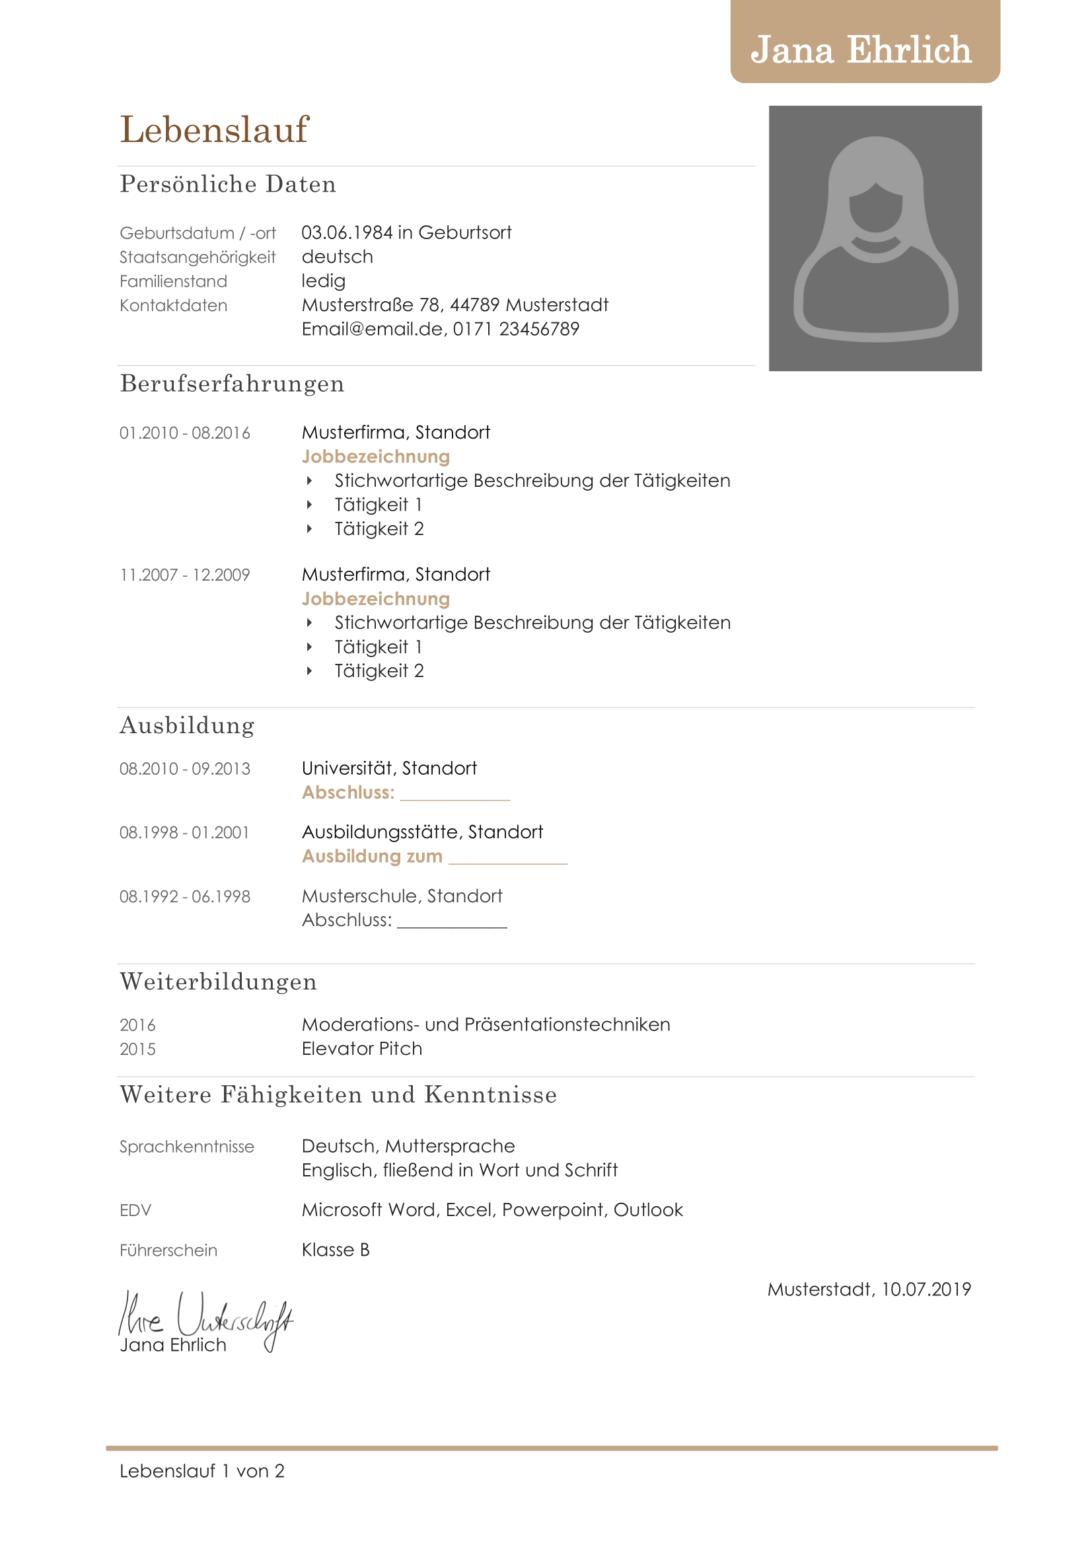 Curriculum vitae, или CV, буквально означает «жизненный путь», в Германии его еще называют Lebenslauf. Я использовала вот такой образец — нашла его в одном из своих учебников по немецкому. Позже немецкие коллеги сказали, что я выбрала очень хороший вариант этого документа. По их словам, Lebenslauf должна быть обязательно в табличной форме, разделена на рубрики и содержать только самую основную информацию без использования глаголов